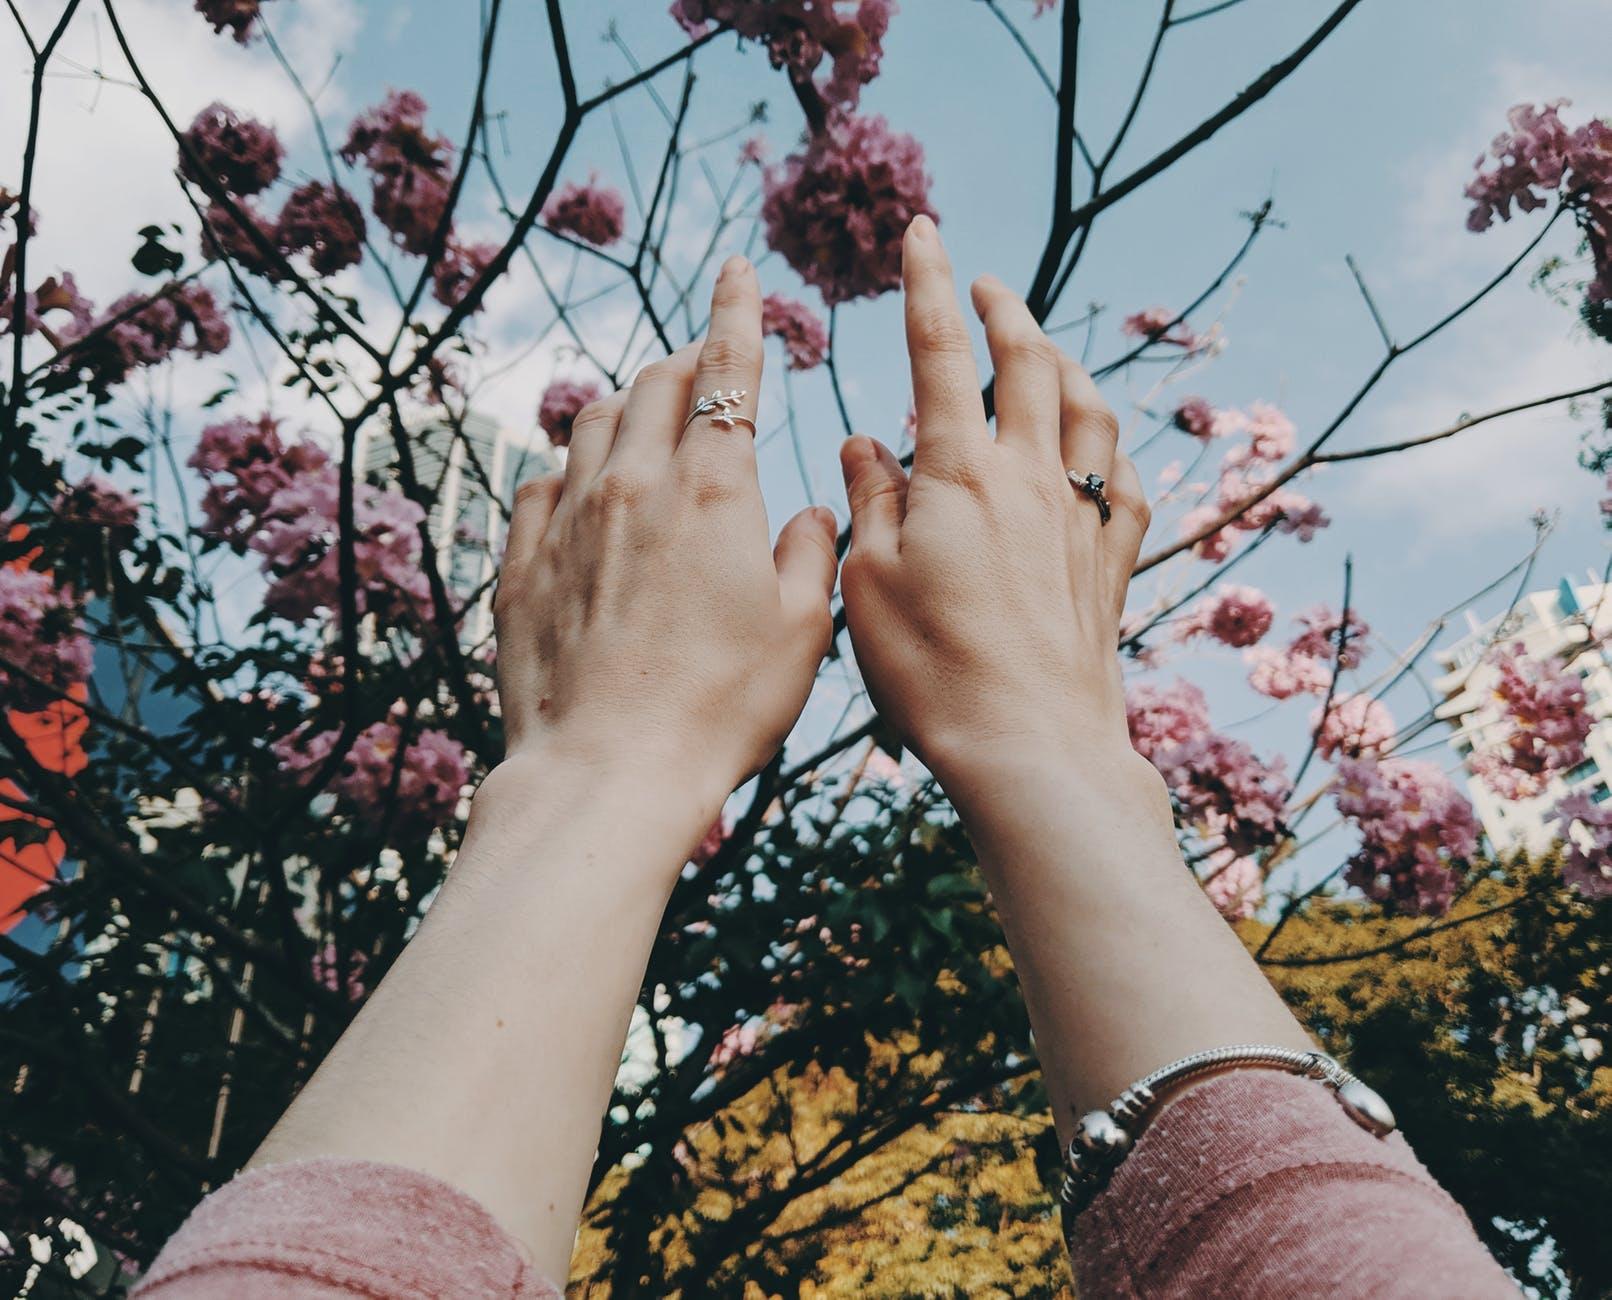 人 仲良く の 人 と 他 する が 好き 夢 な